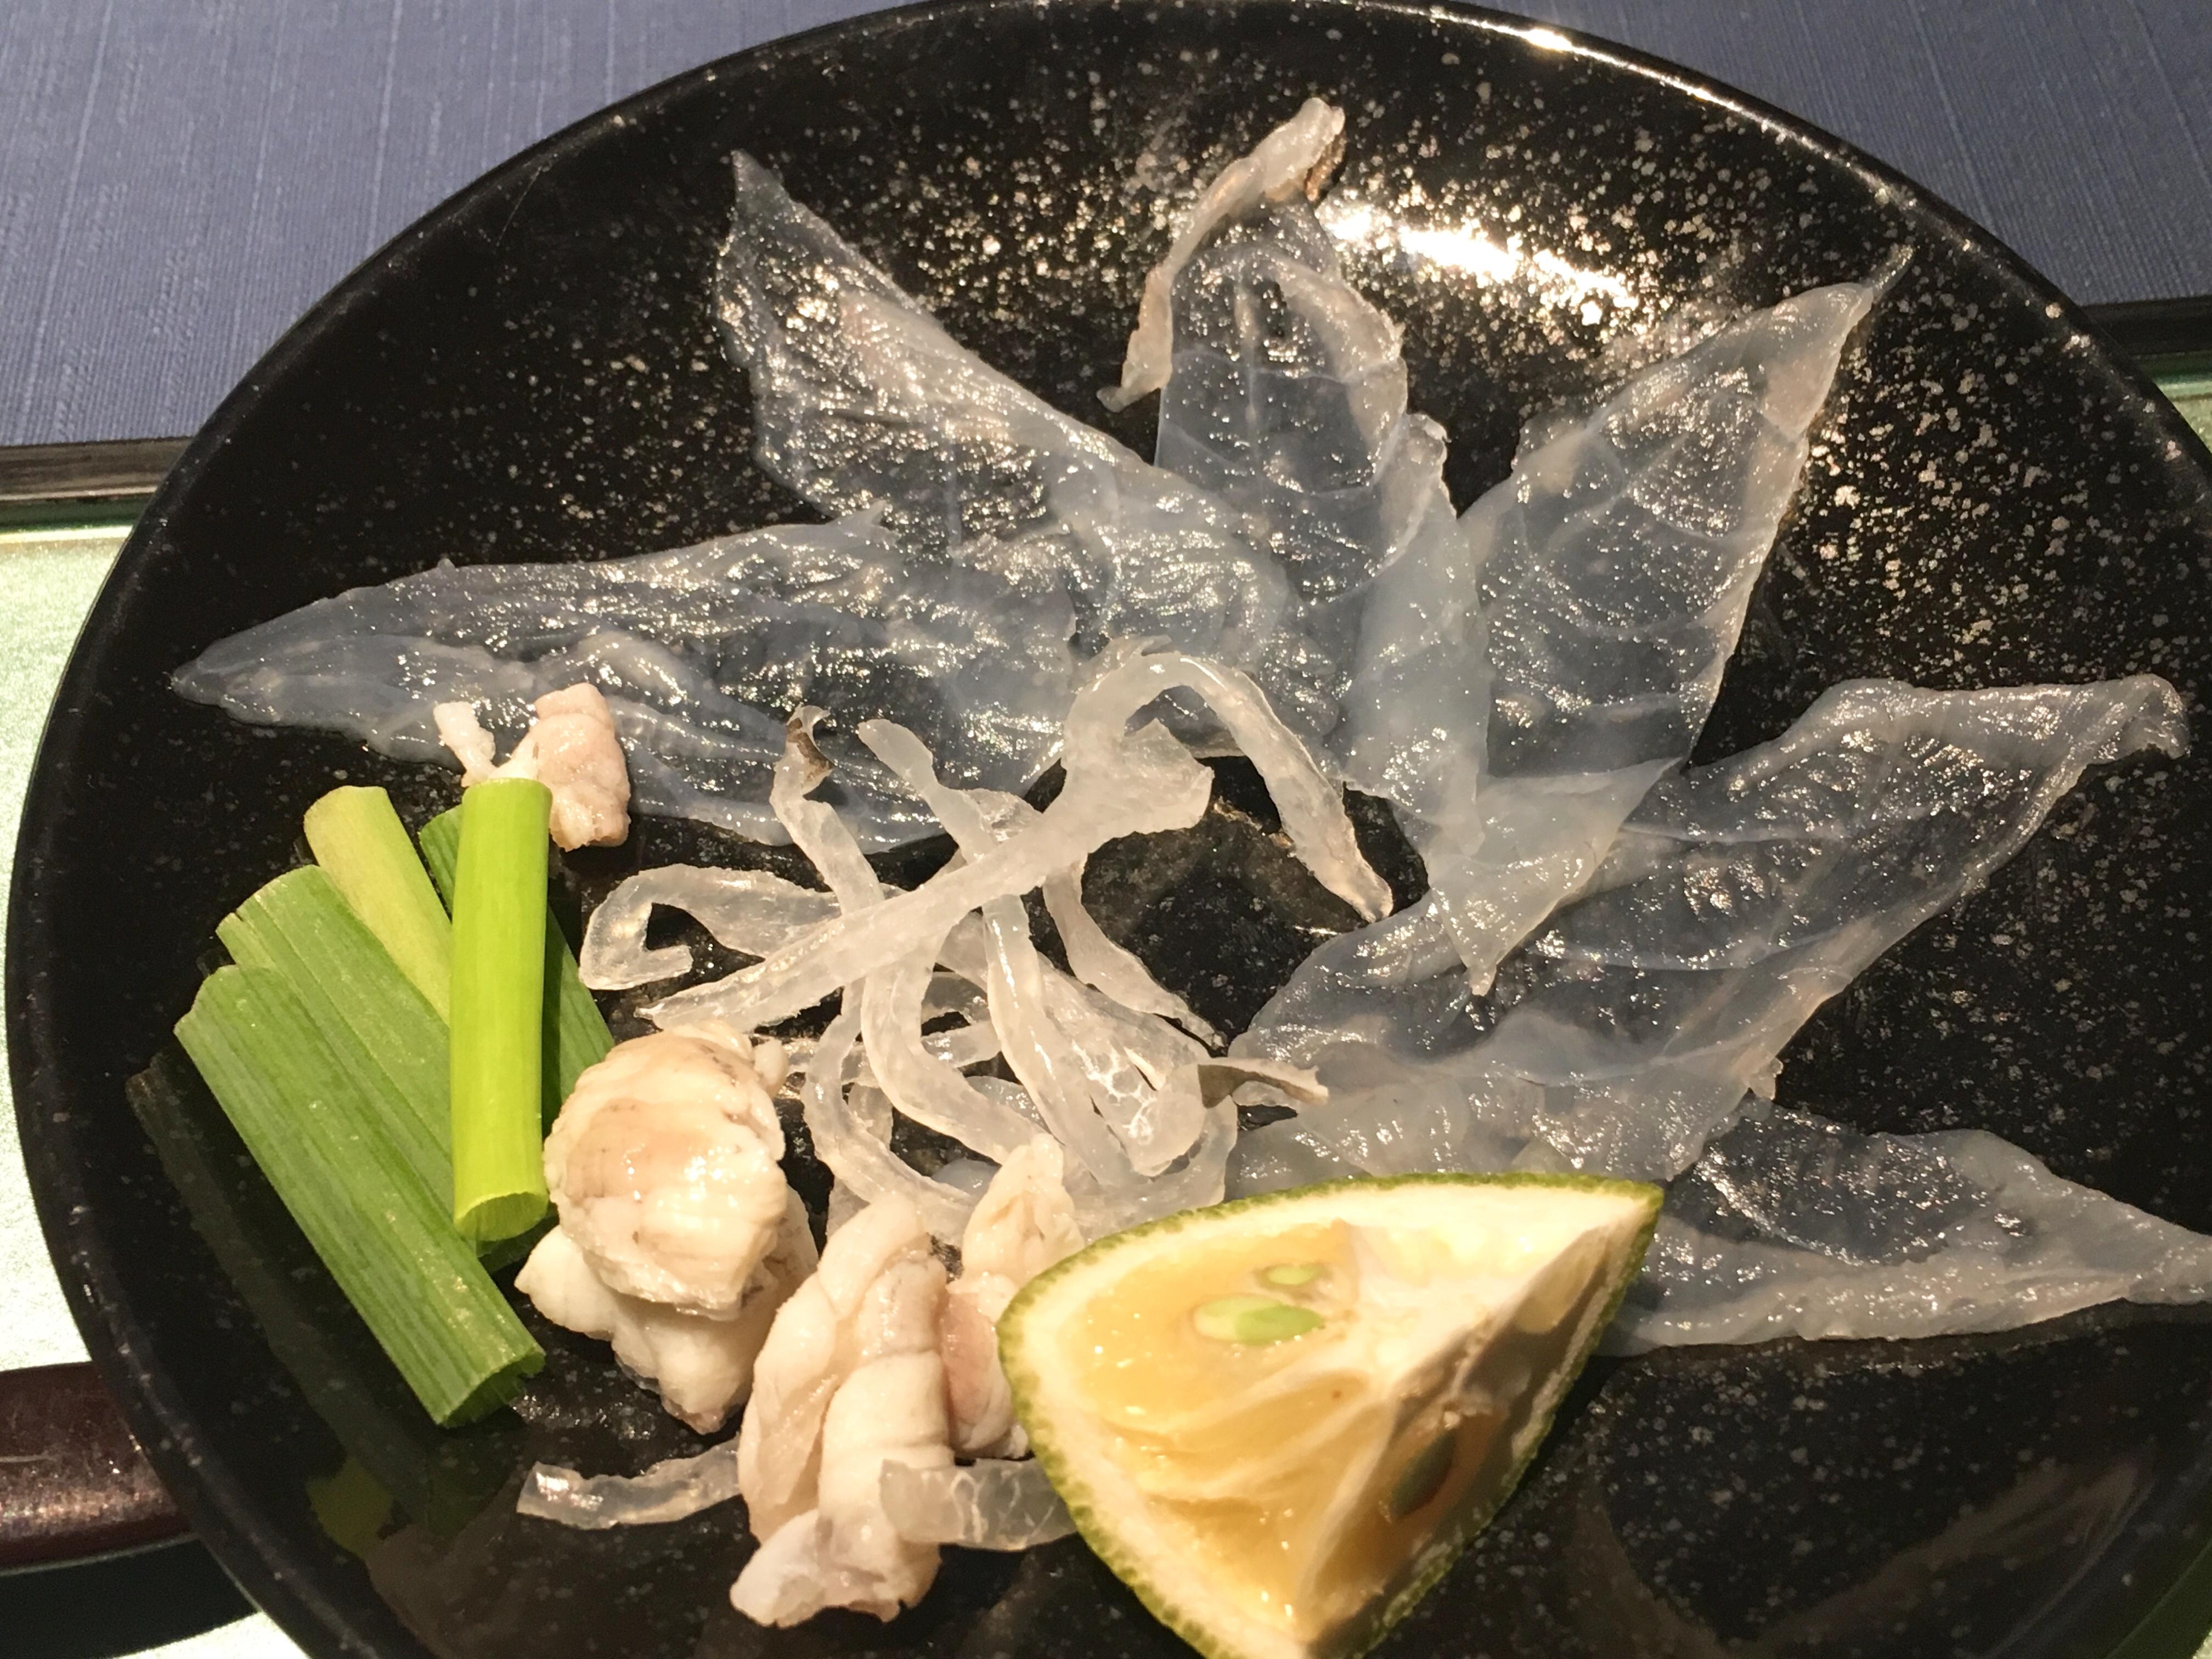 【ふぐ乃小川】水前寺の天草産のトラフグを使ったリーズナブルなふぐランチ